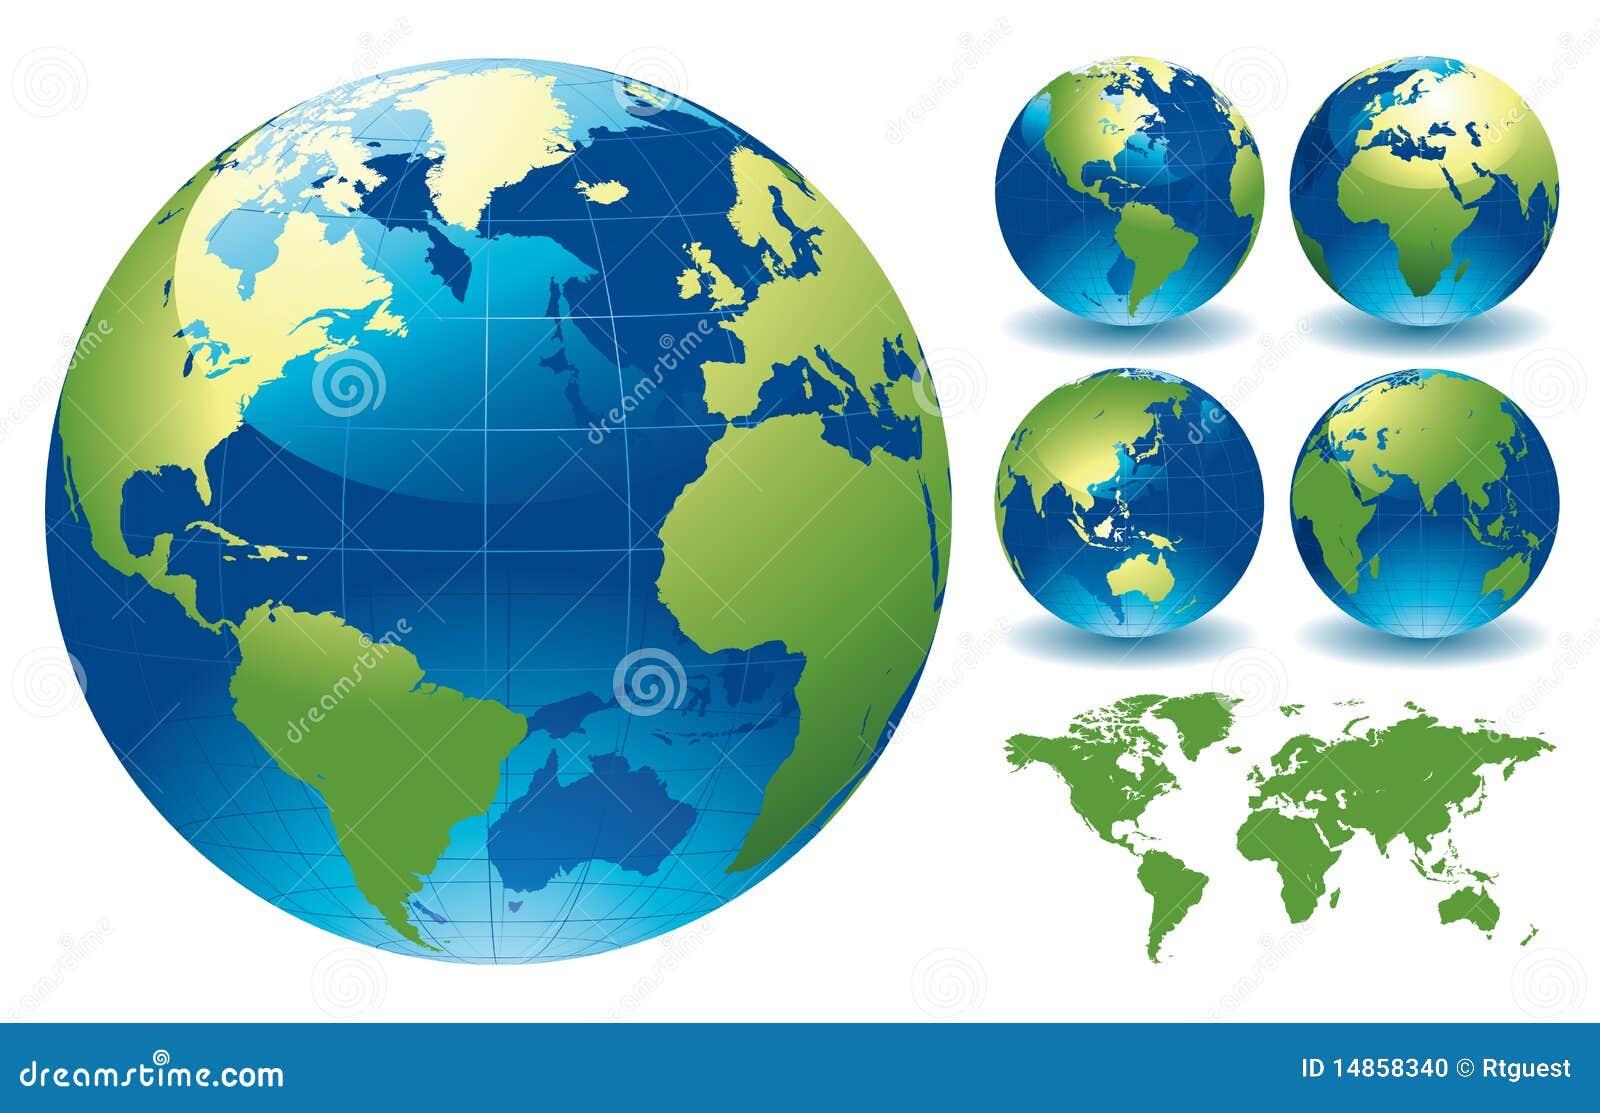 Weltkugel-Karten